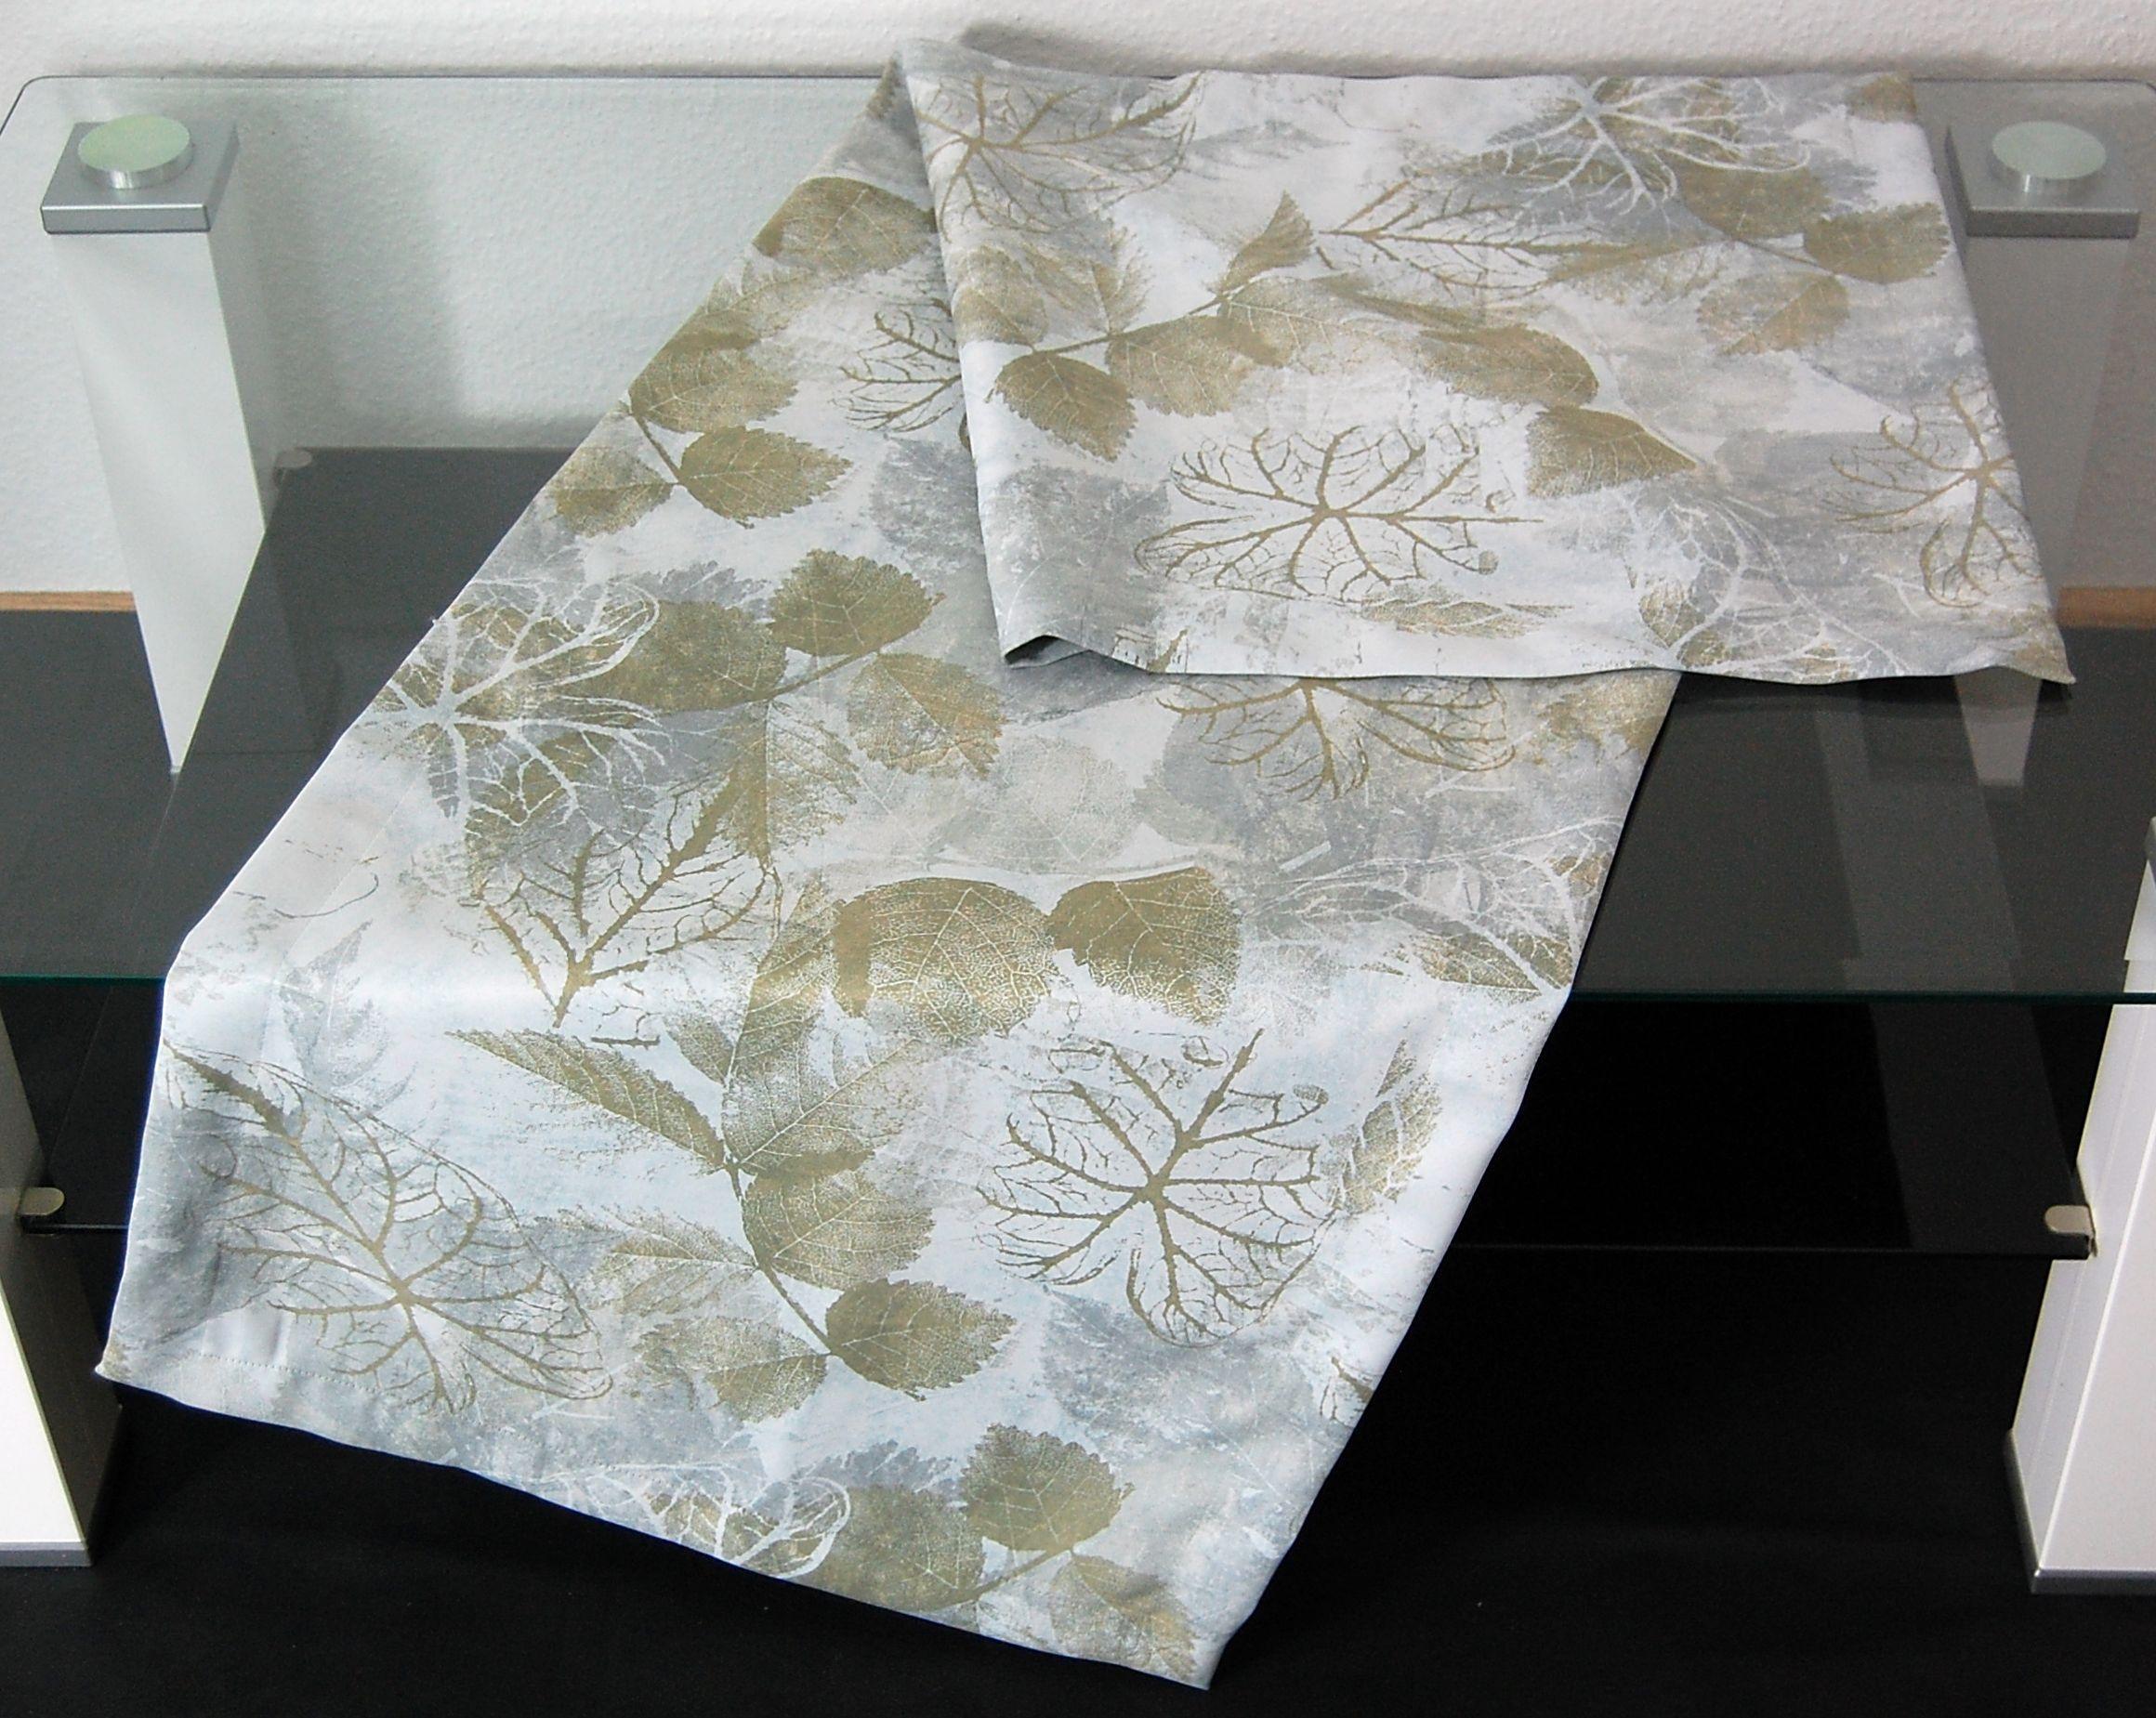 hossner tischdecke pamela hellgrau herbst blatt bl tter gr n modern tischl ufer ebay. Black Bedroom Furniture Sets. Home Design Ideas